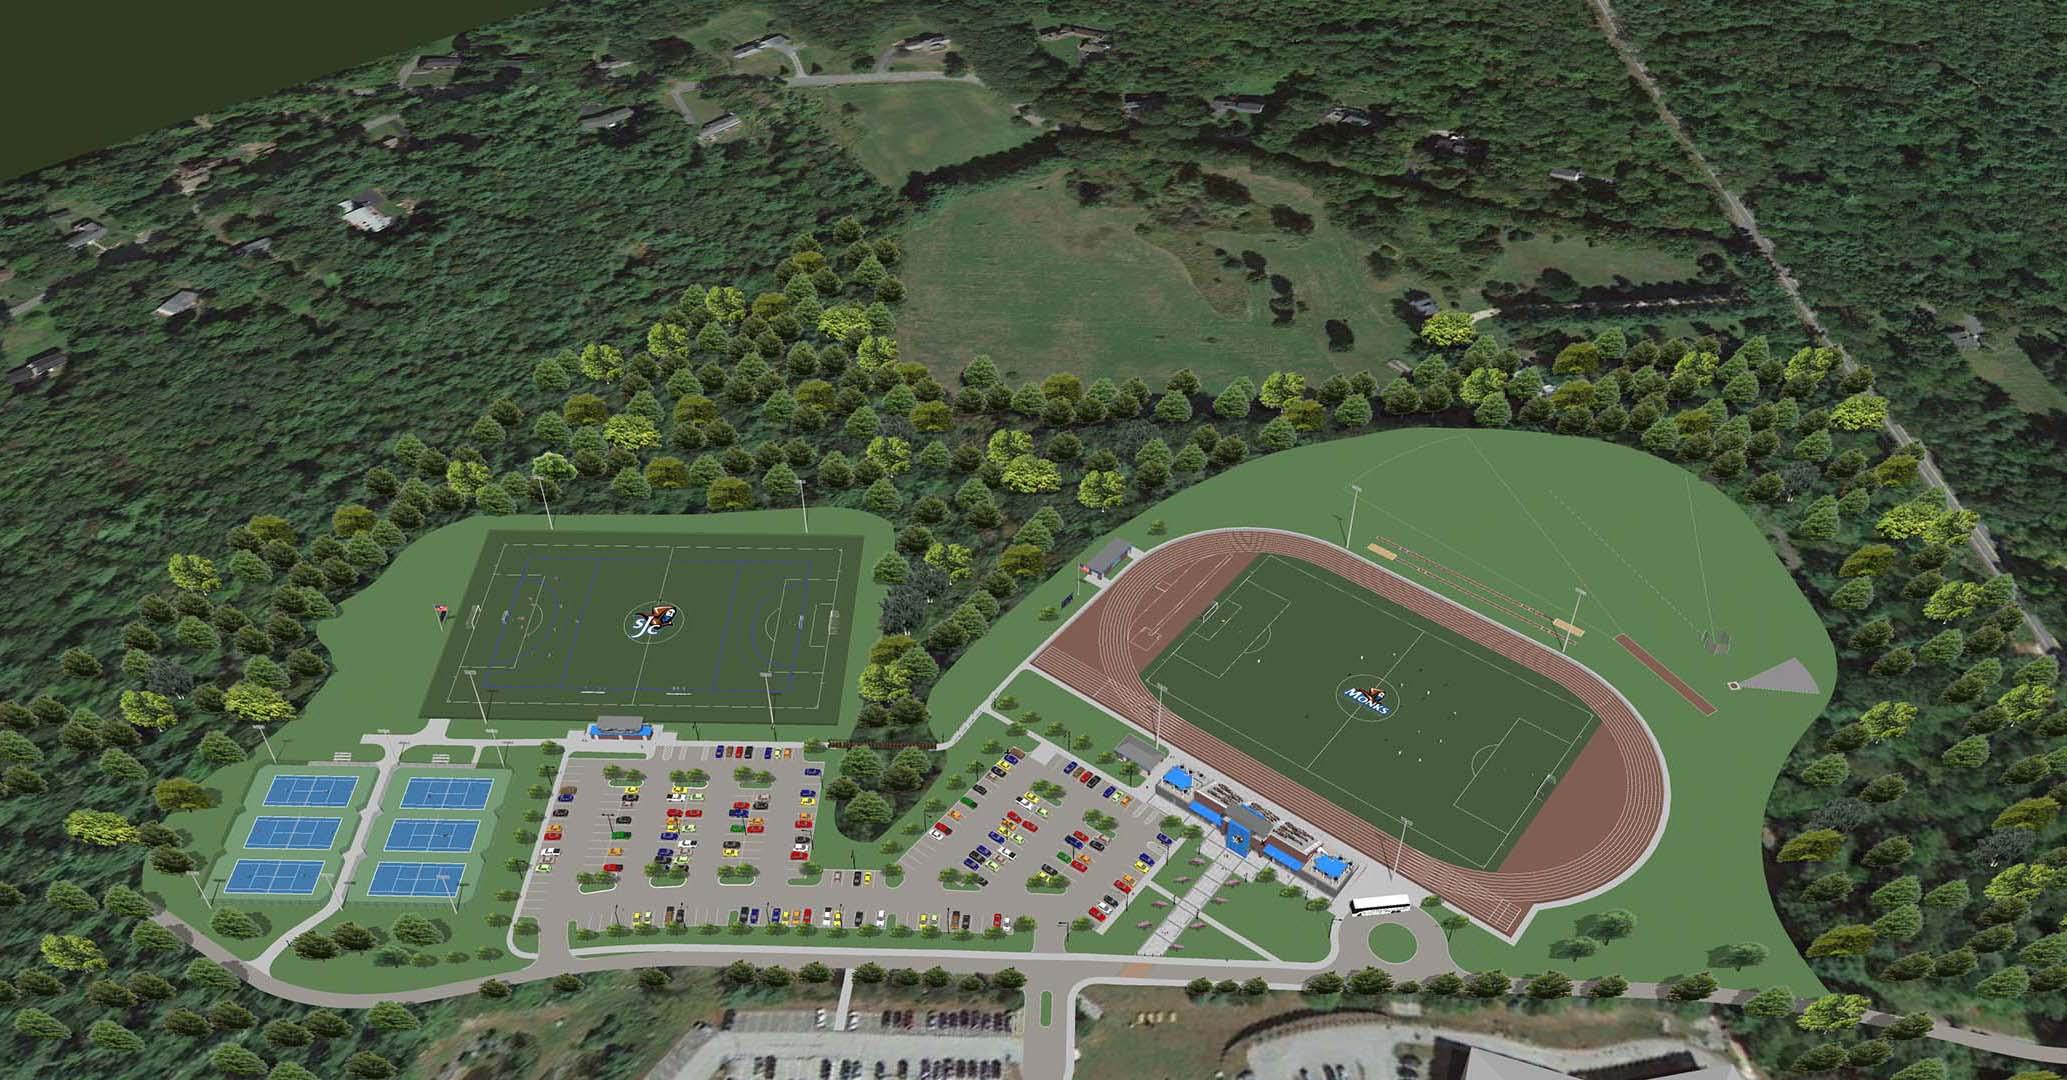 Saint Joseph College Of Maine >> Saint Joseph S College Of Maine Athletics Derck Edson